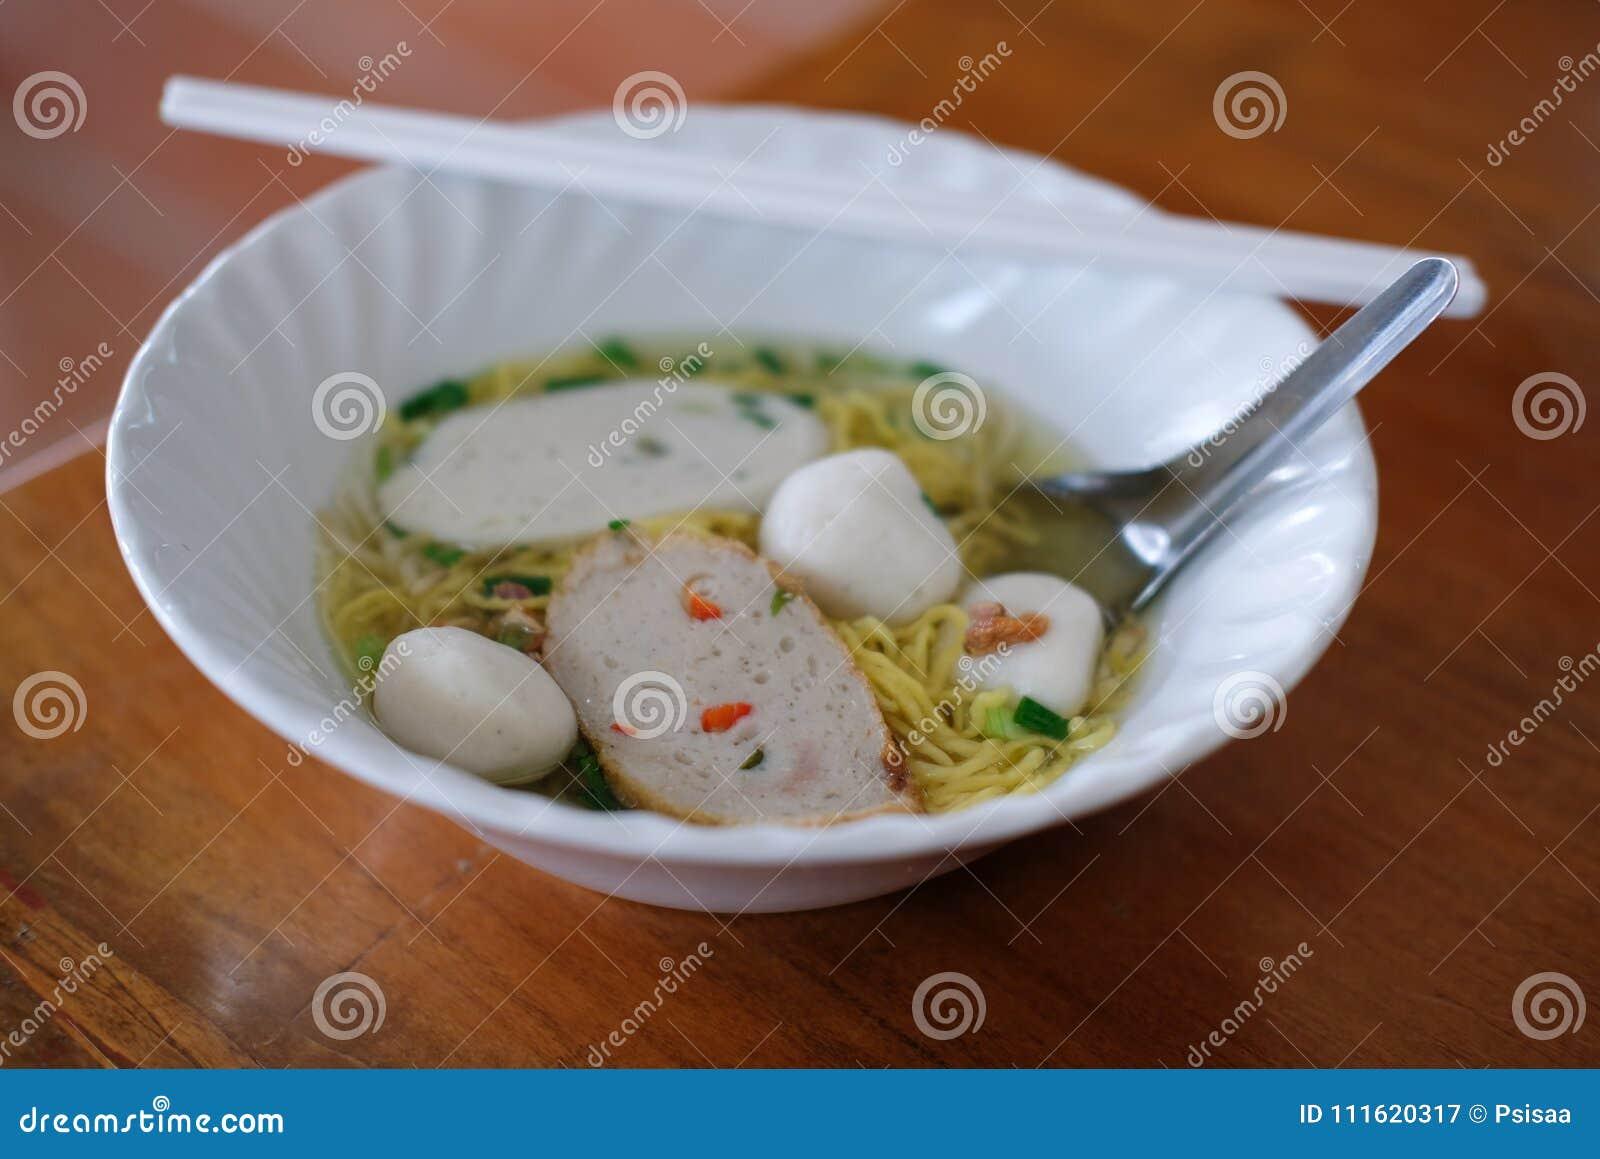 De soep van de einoedel met vissenbal Thais lokaal voedsel